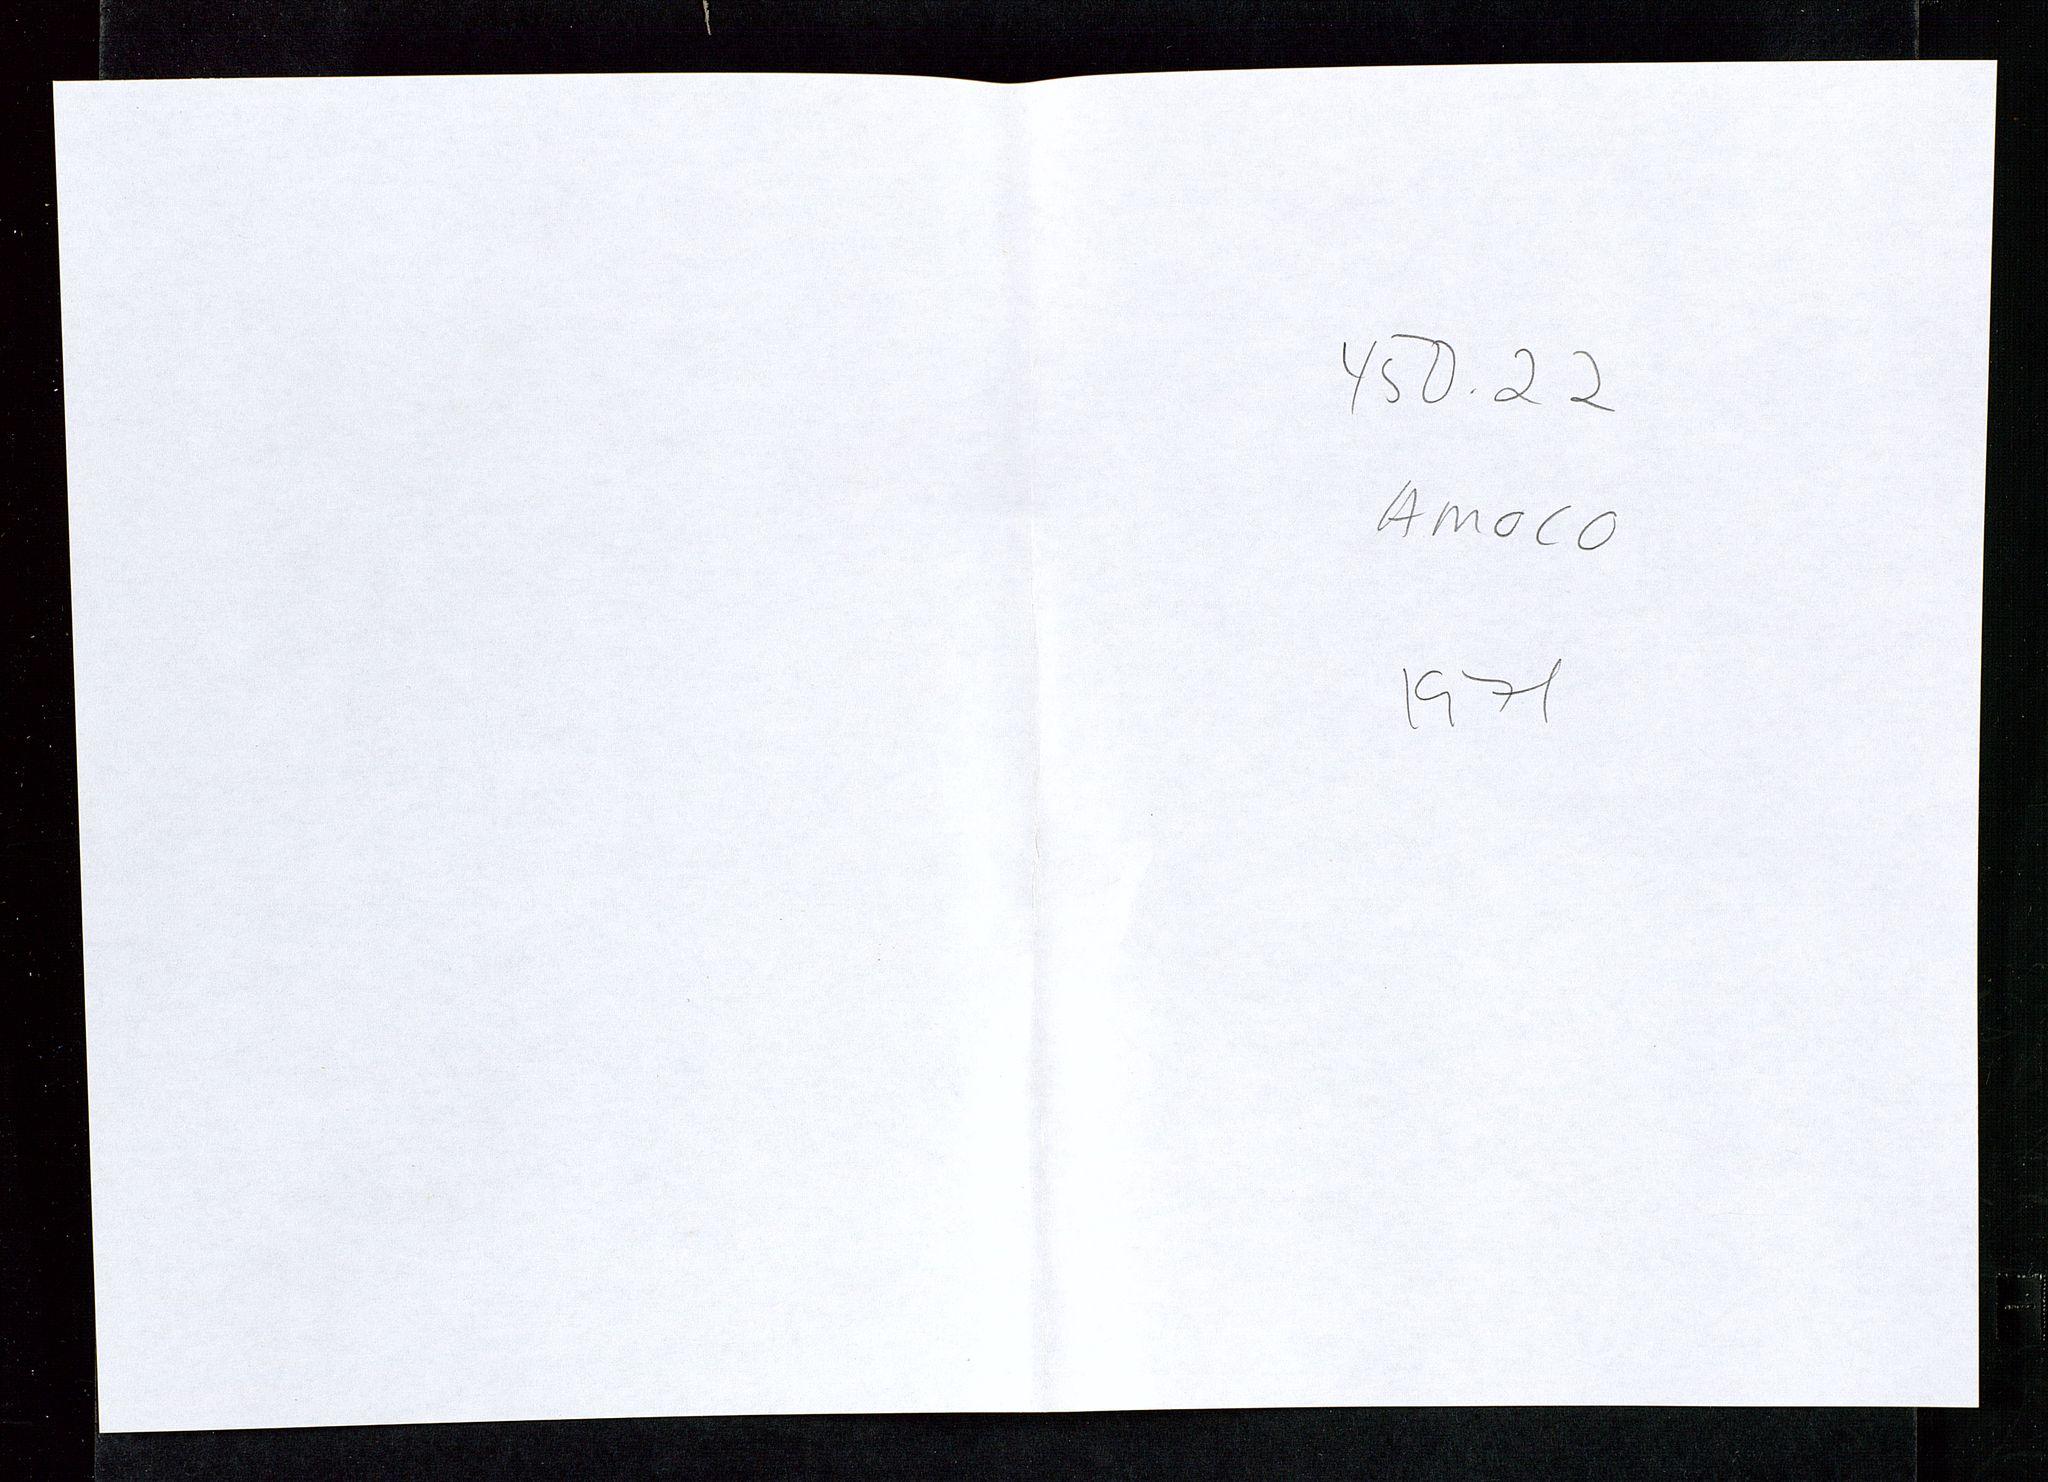 SAST, Industridepartementet, Oljekontoret, Da/L0004: Arkivnøkkel 711 - 712 Utvinningstillatelser, 1970-1971, s. 63